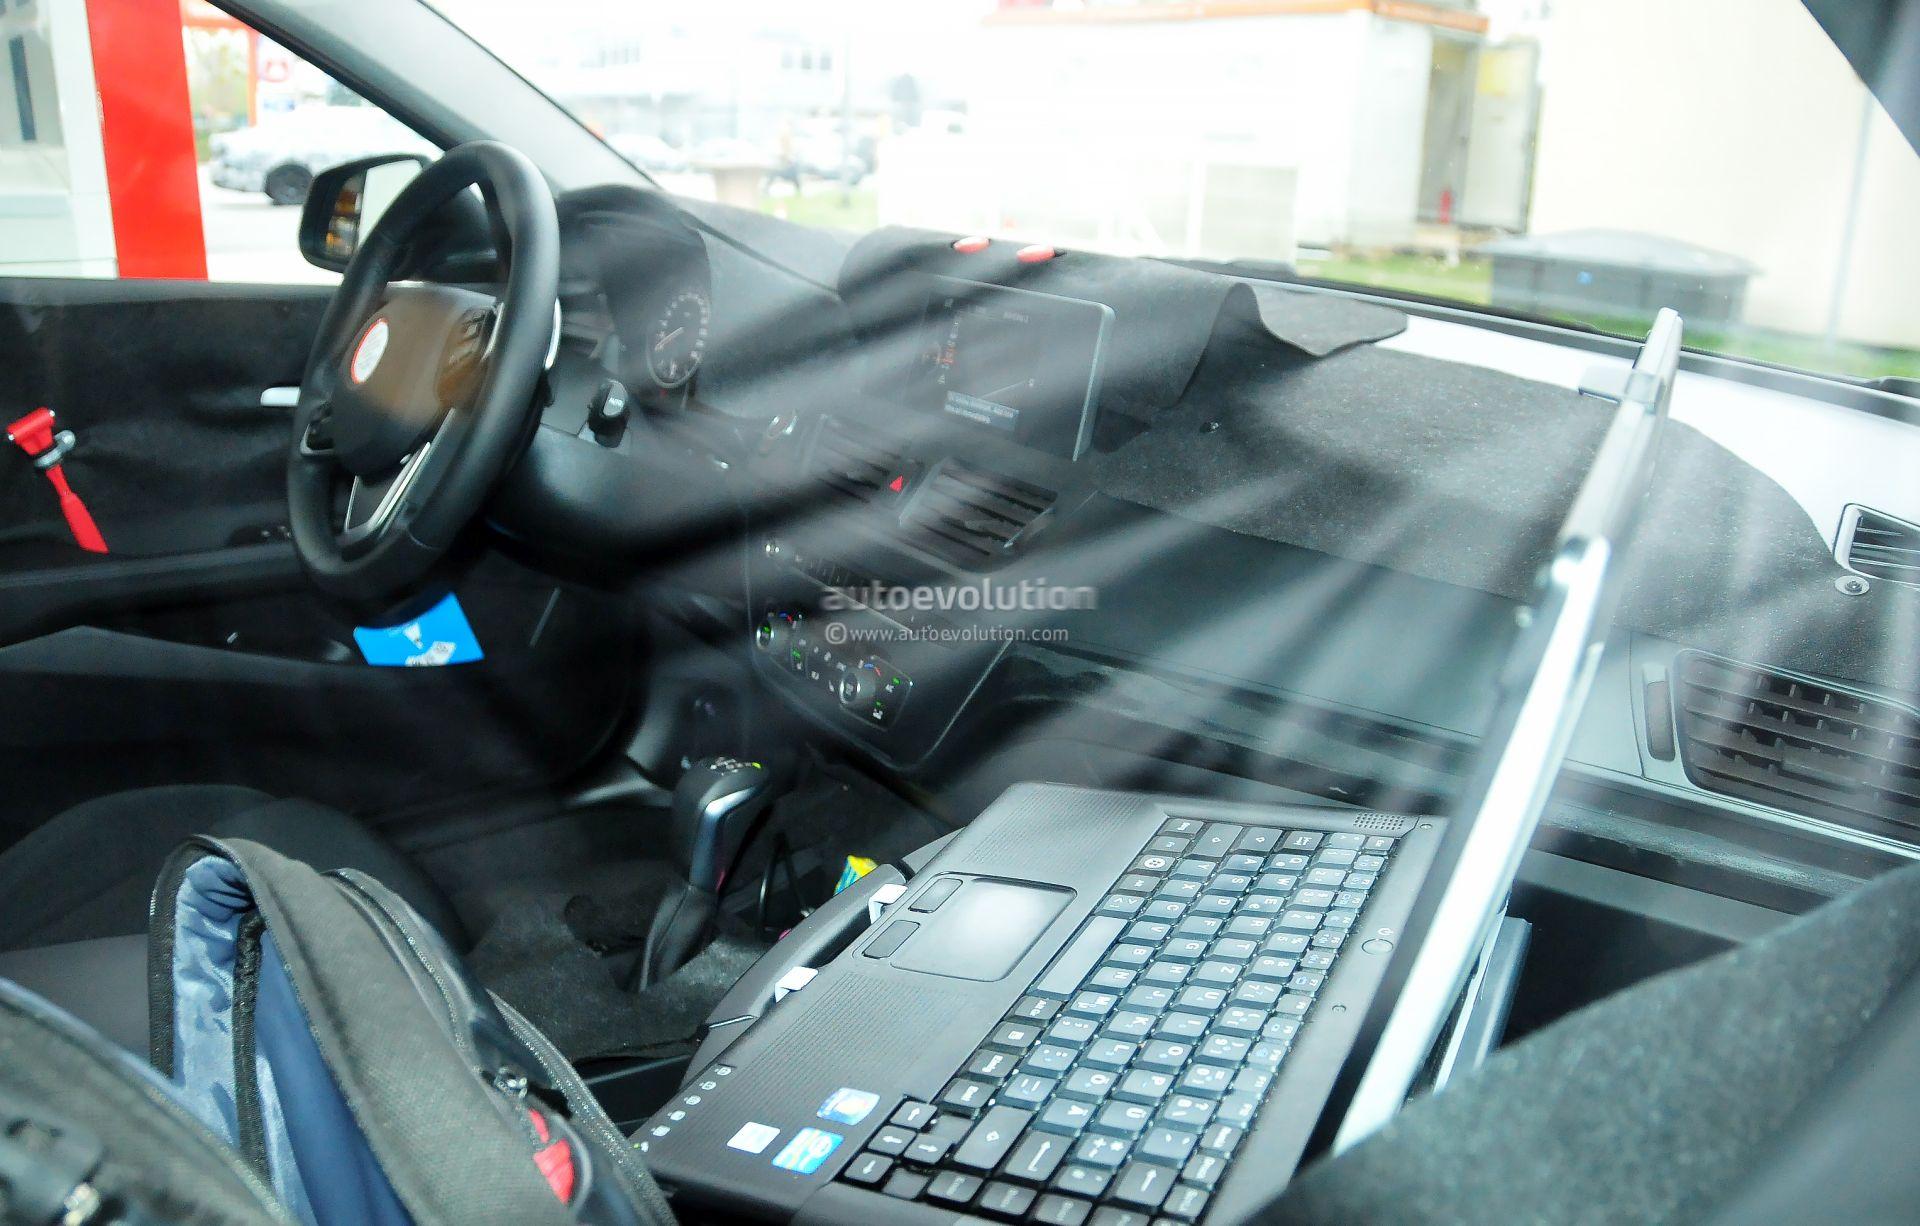 2016 Bmw F52 1 Series Sedan Interior Spied Looks Like The